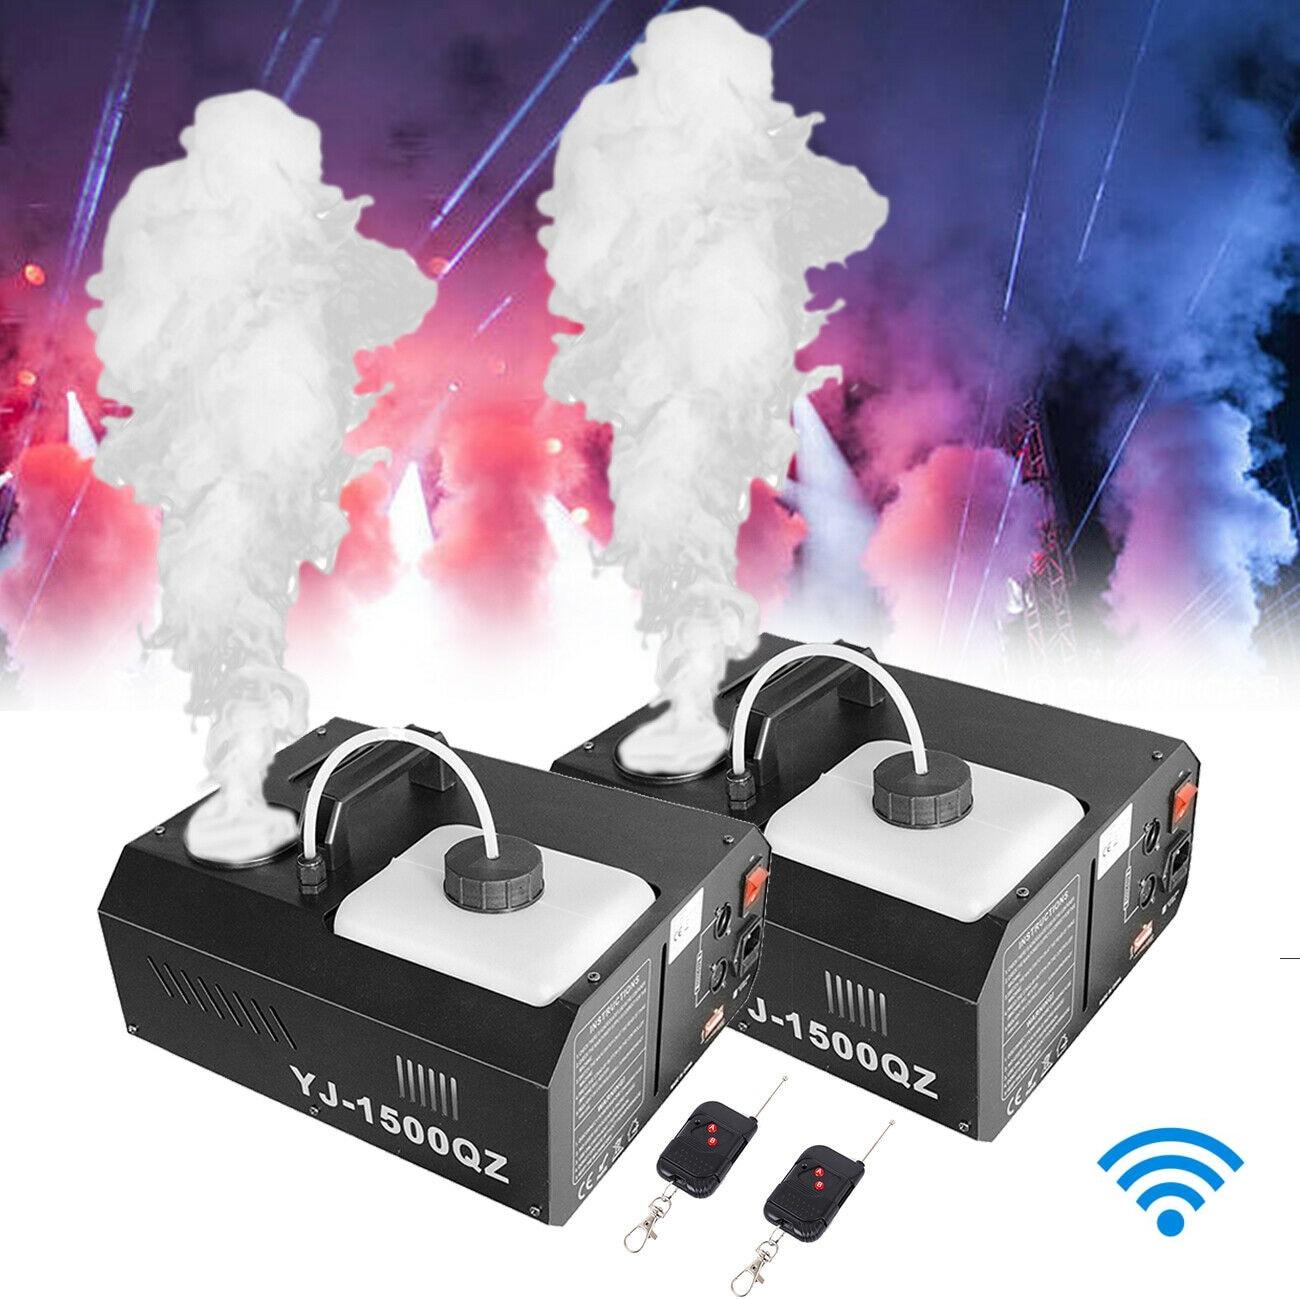 Honhill Nebbia Macchina del Fumo DMX512 1500W Wireless Fogger Macchina Con Telecomando di Controllo Upspray Fogger Della Fase Della Discoteca Fogger